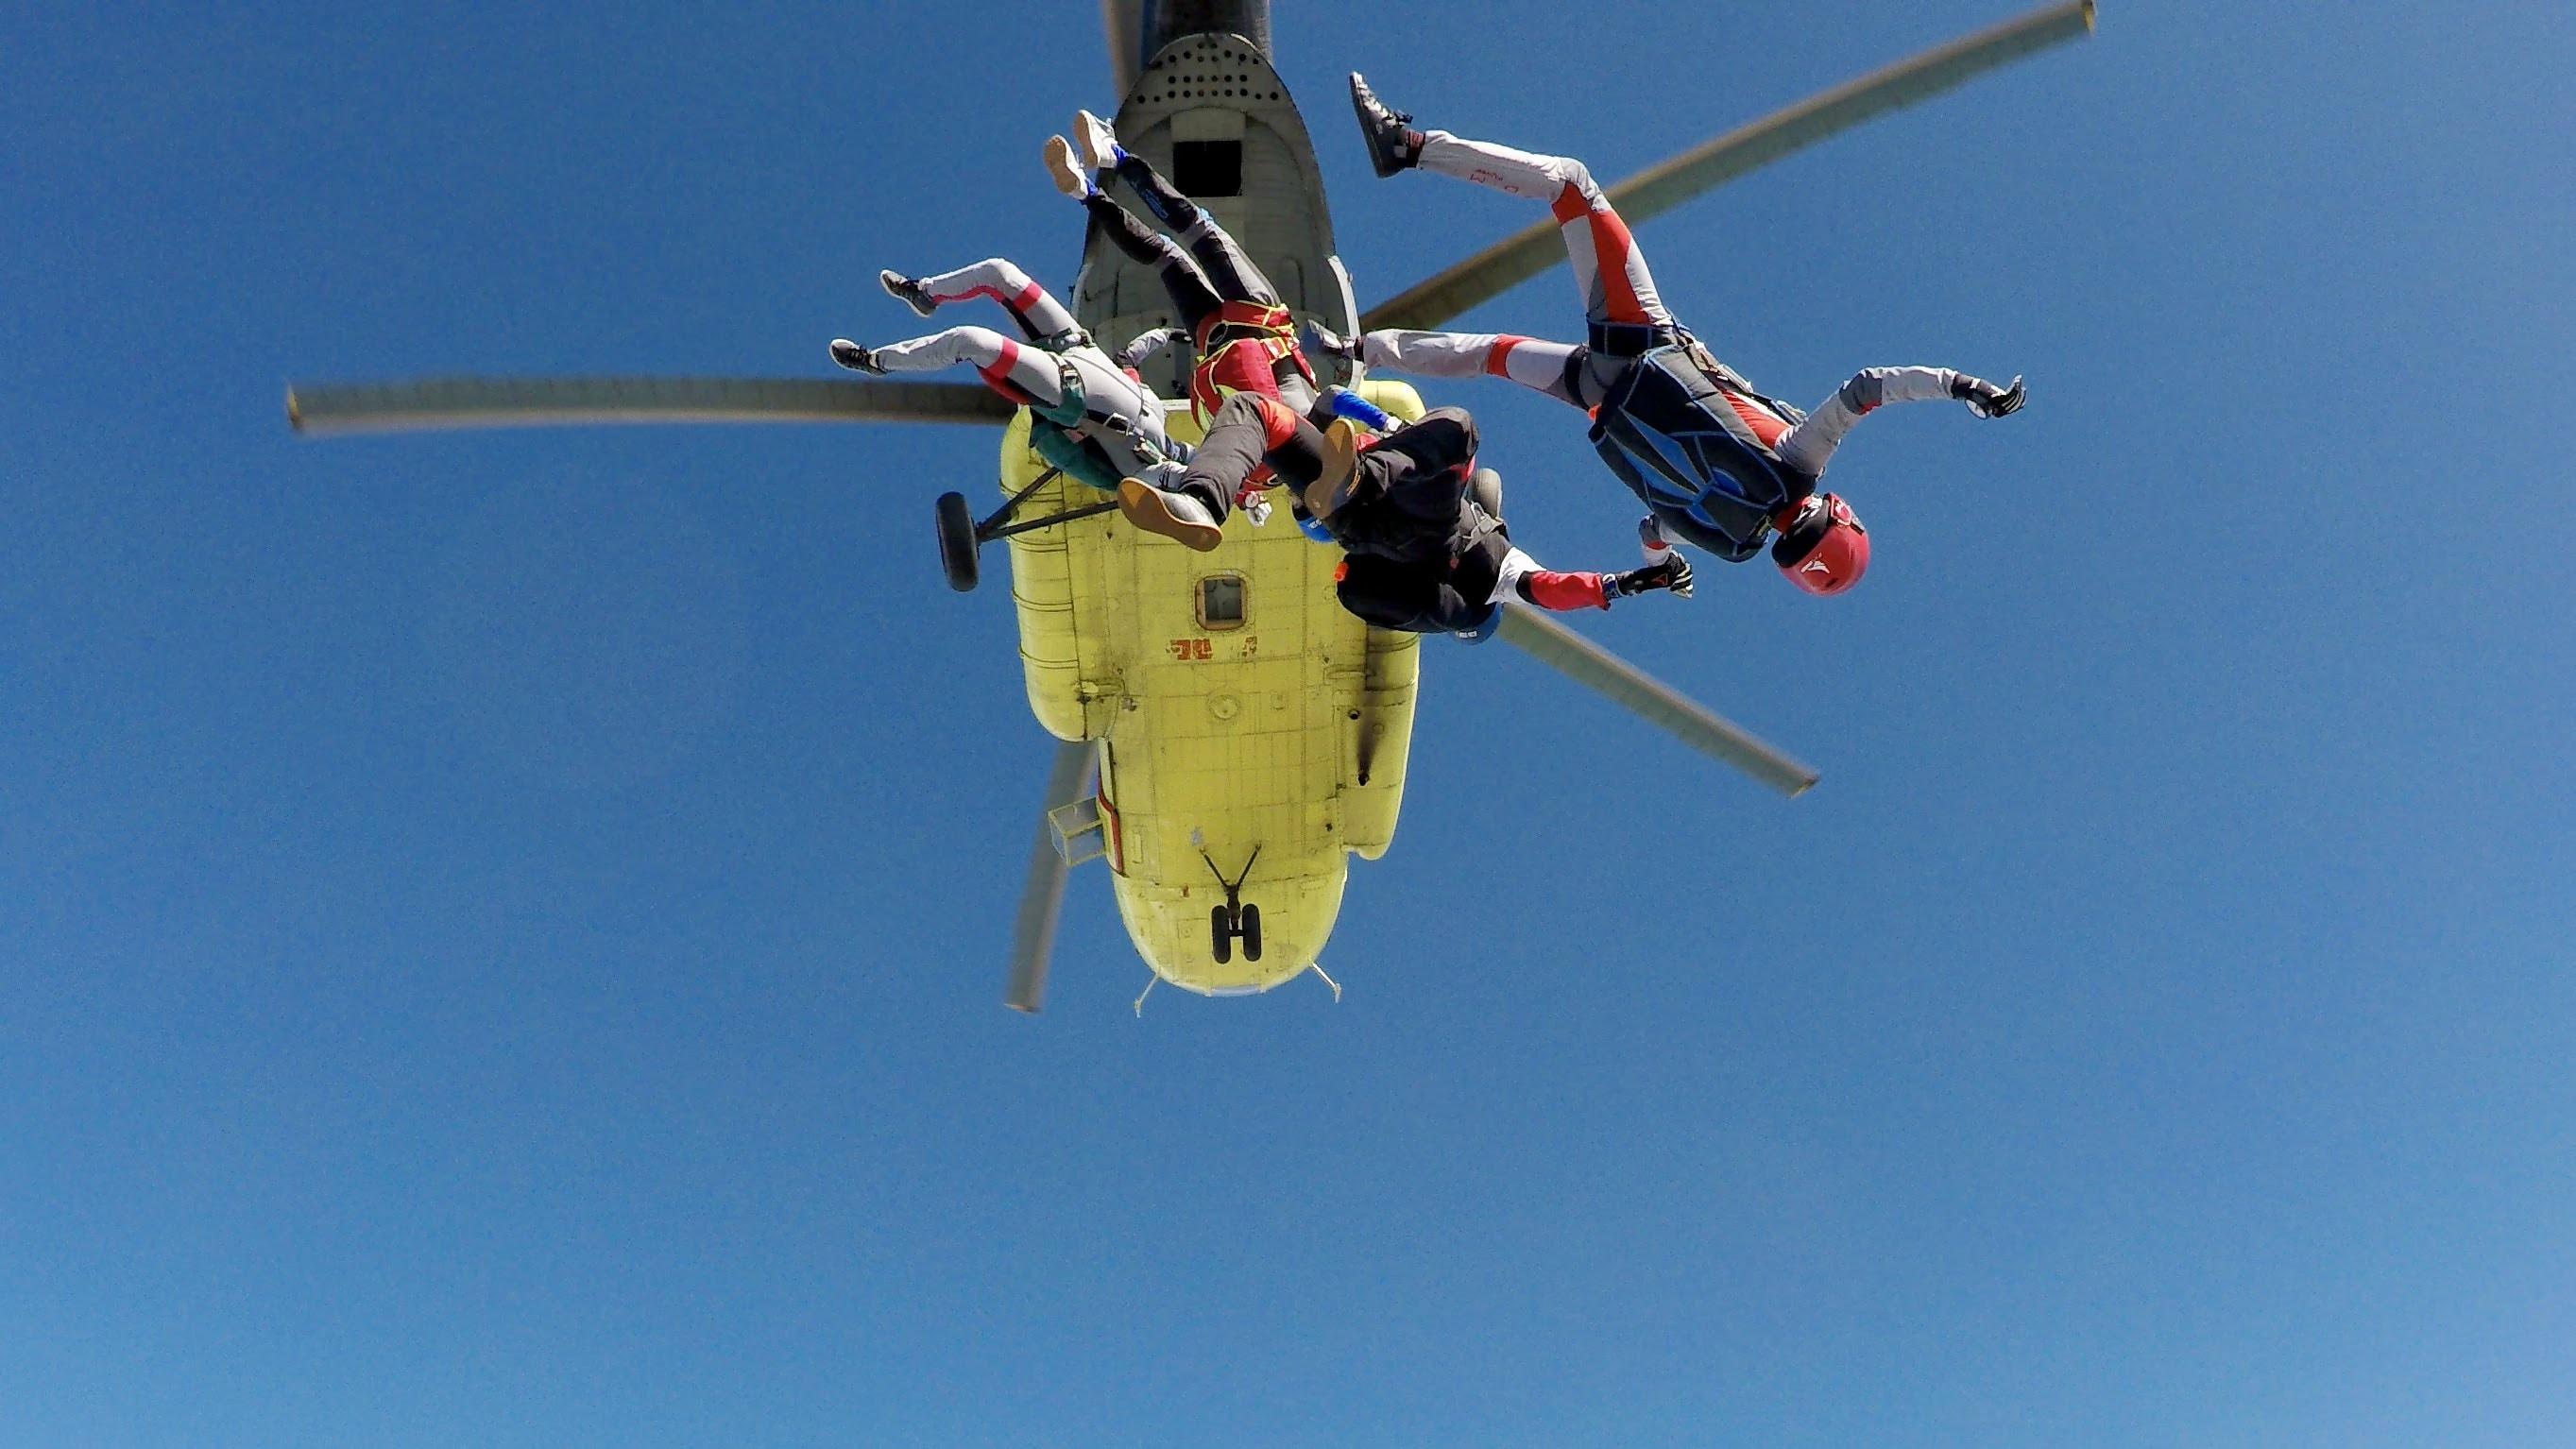 three skydiving people